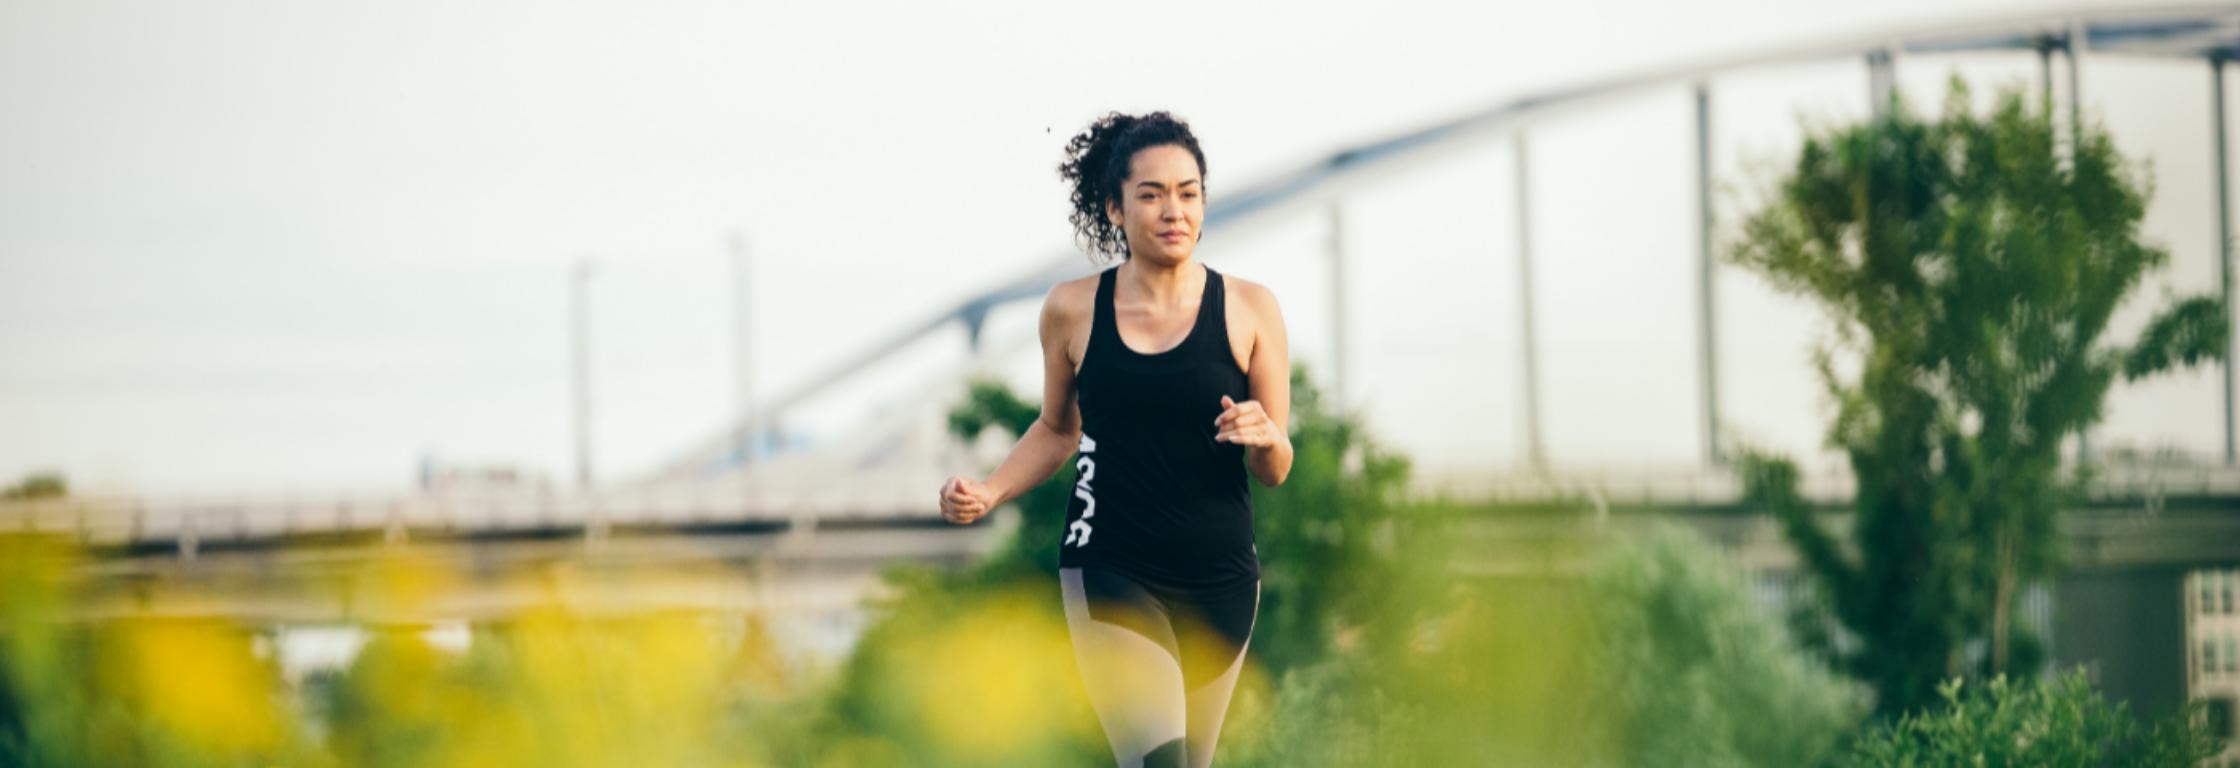 De invloed van je lichaamsgewicht op je hardloopsnelheid